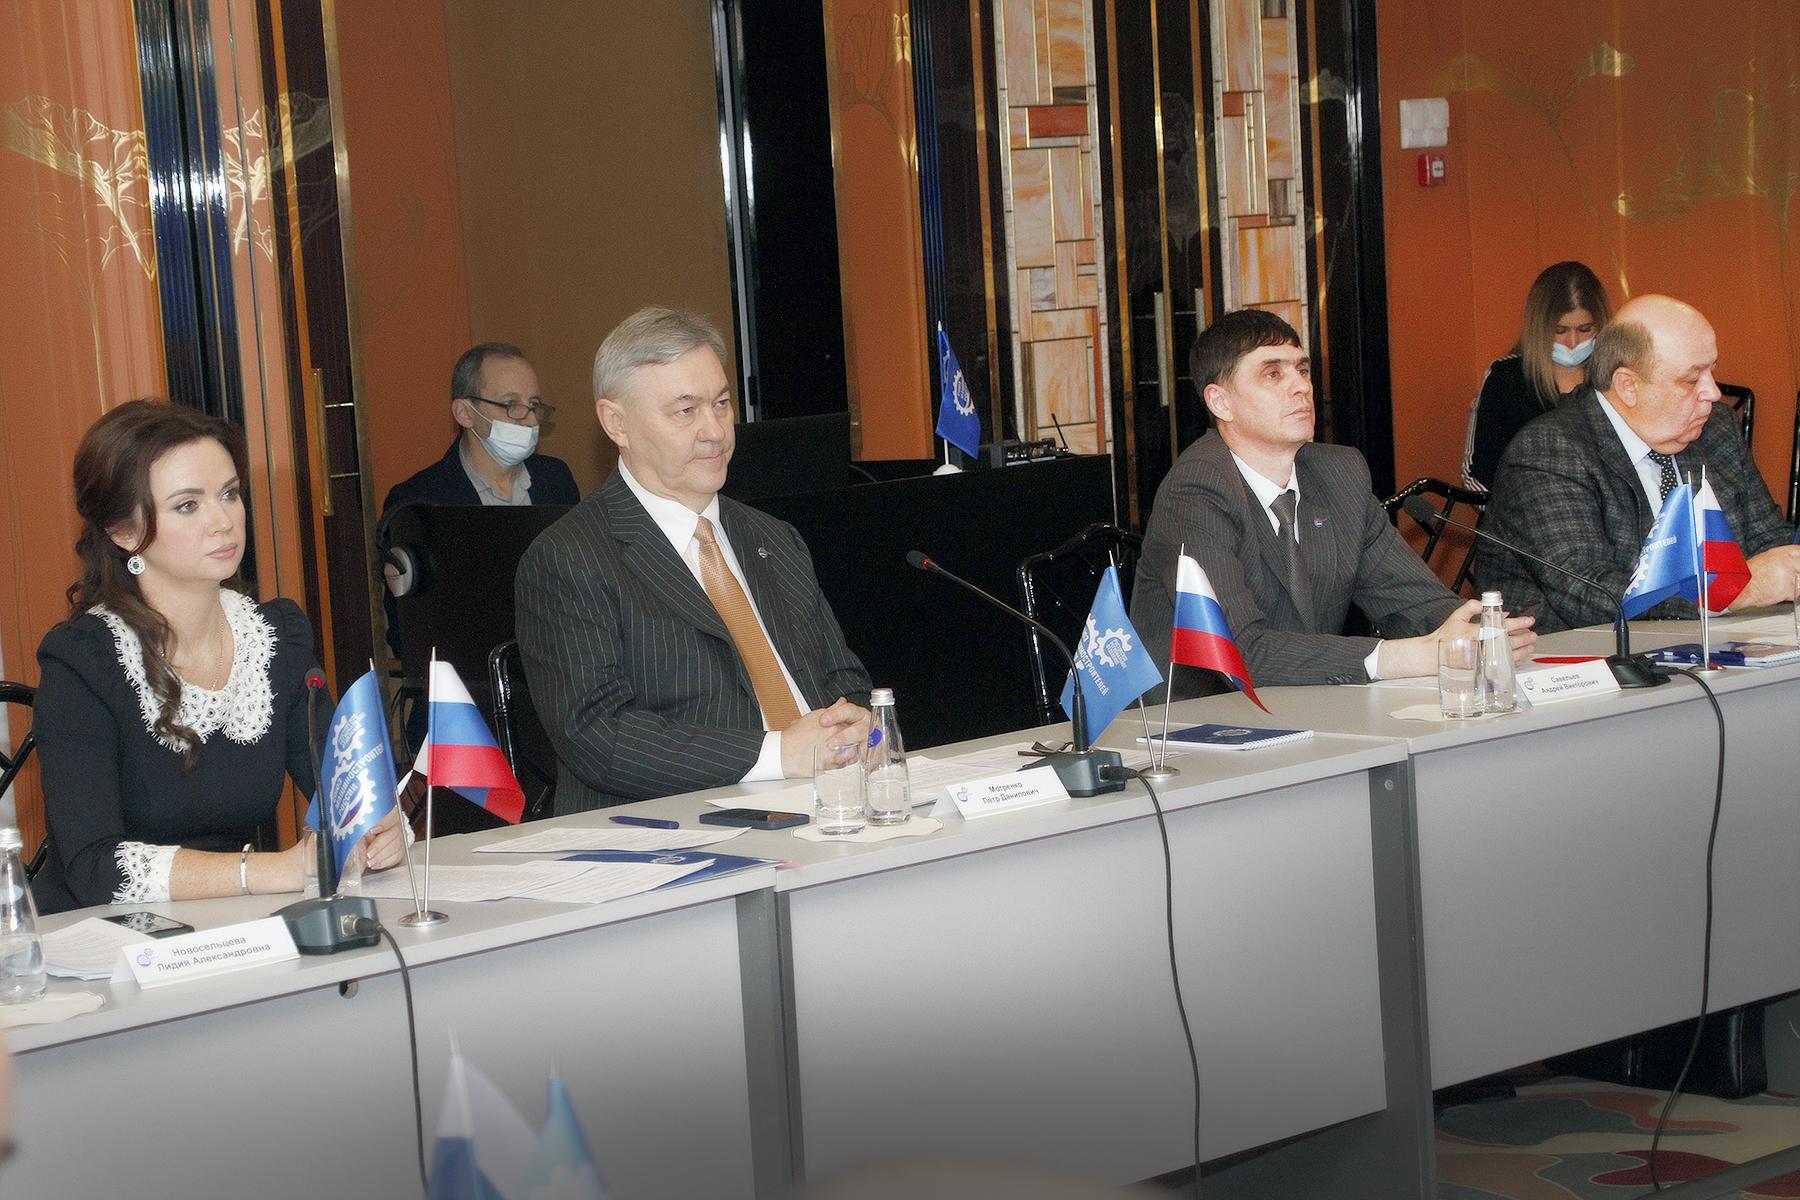 Минпром и Союзмаш укрепляют взаимодействие в донском регионе